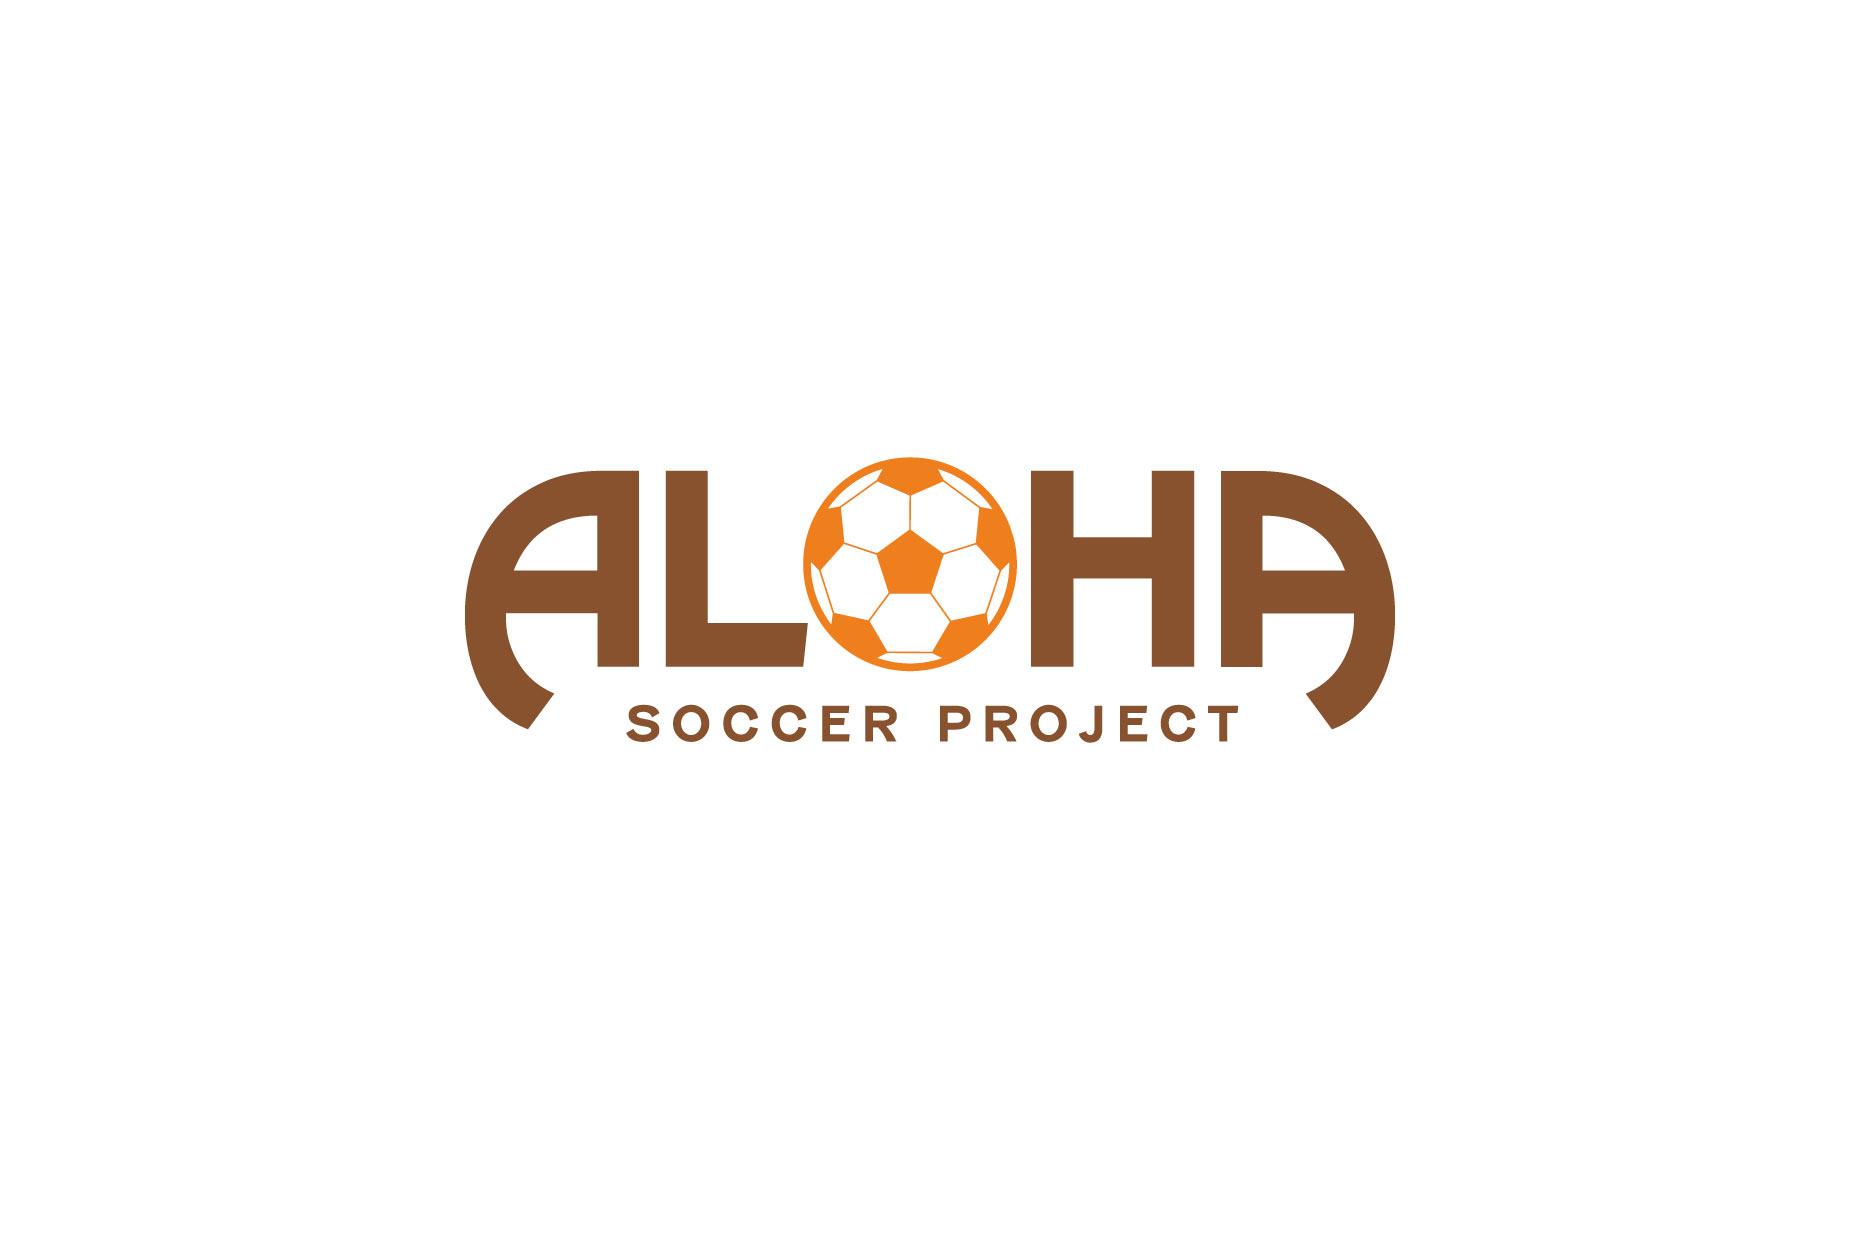 アロハ・サッカー・プロジェクト